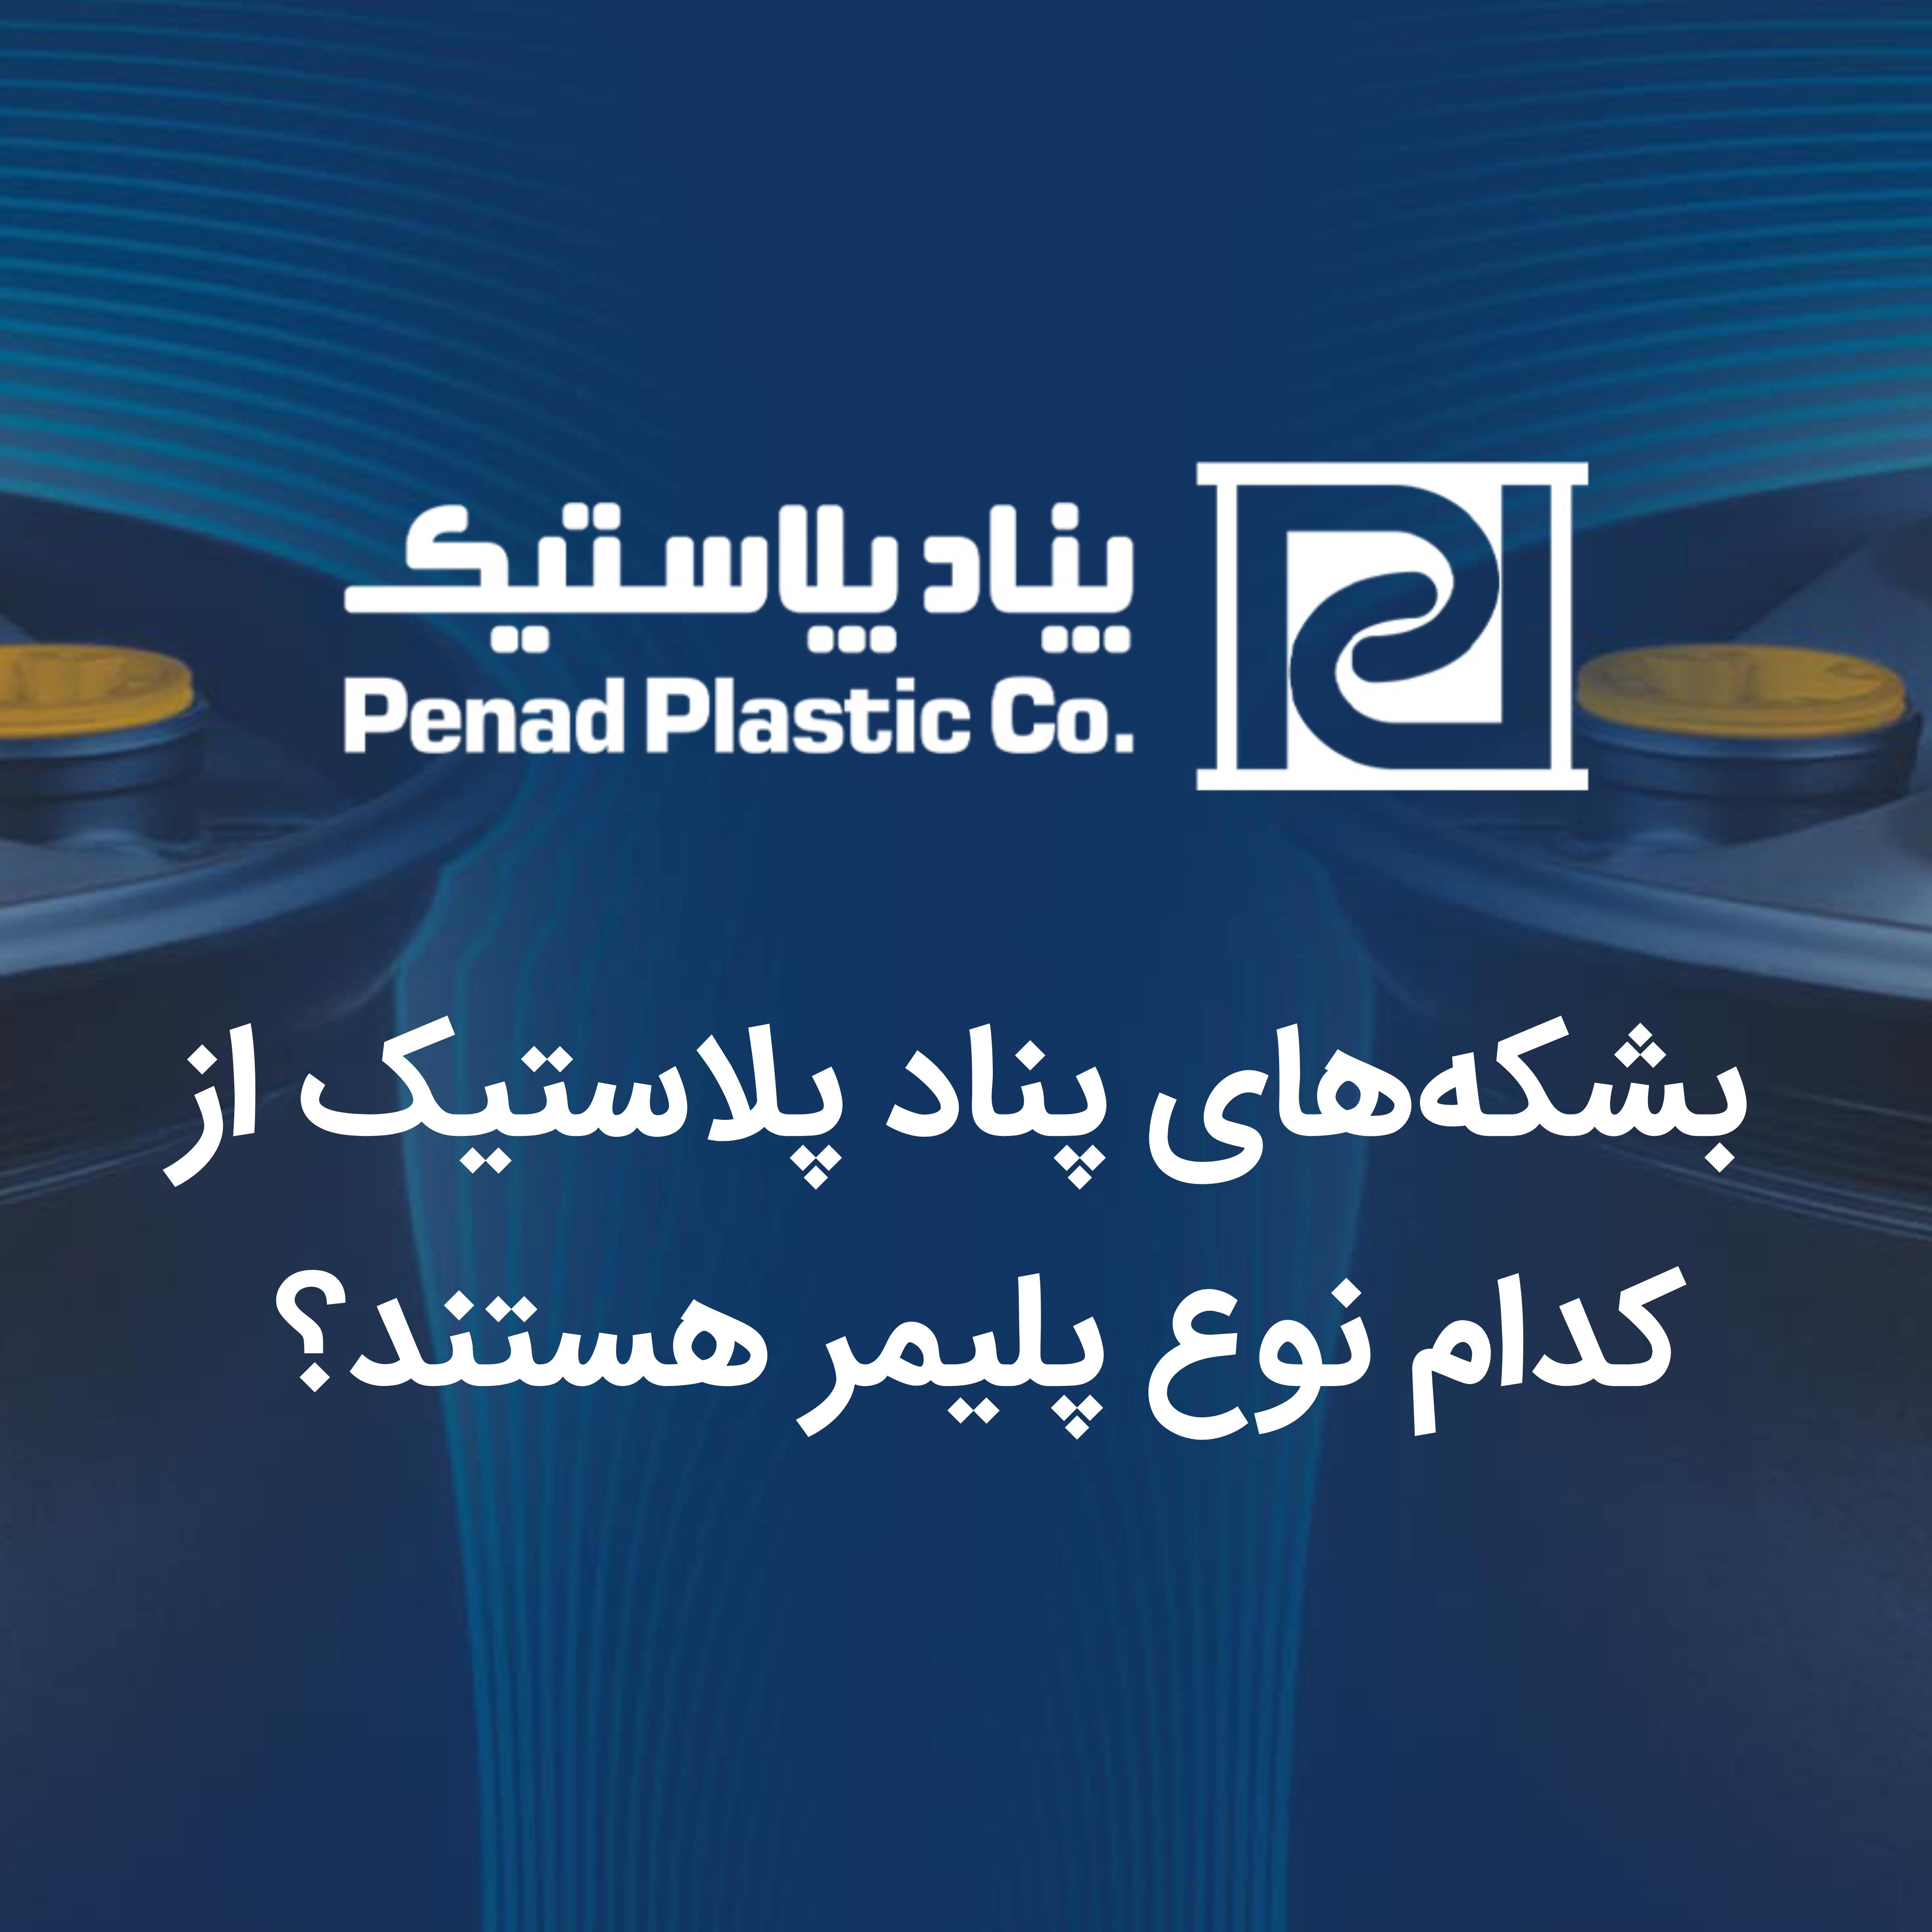 بشکه های پلاستیکی پناد پلاستیک از کدام نوع پلیمر هستند؟